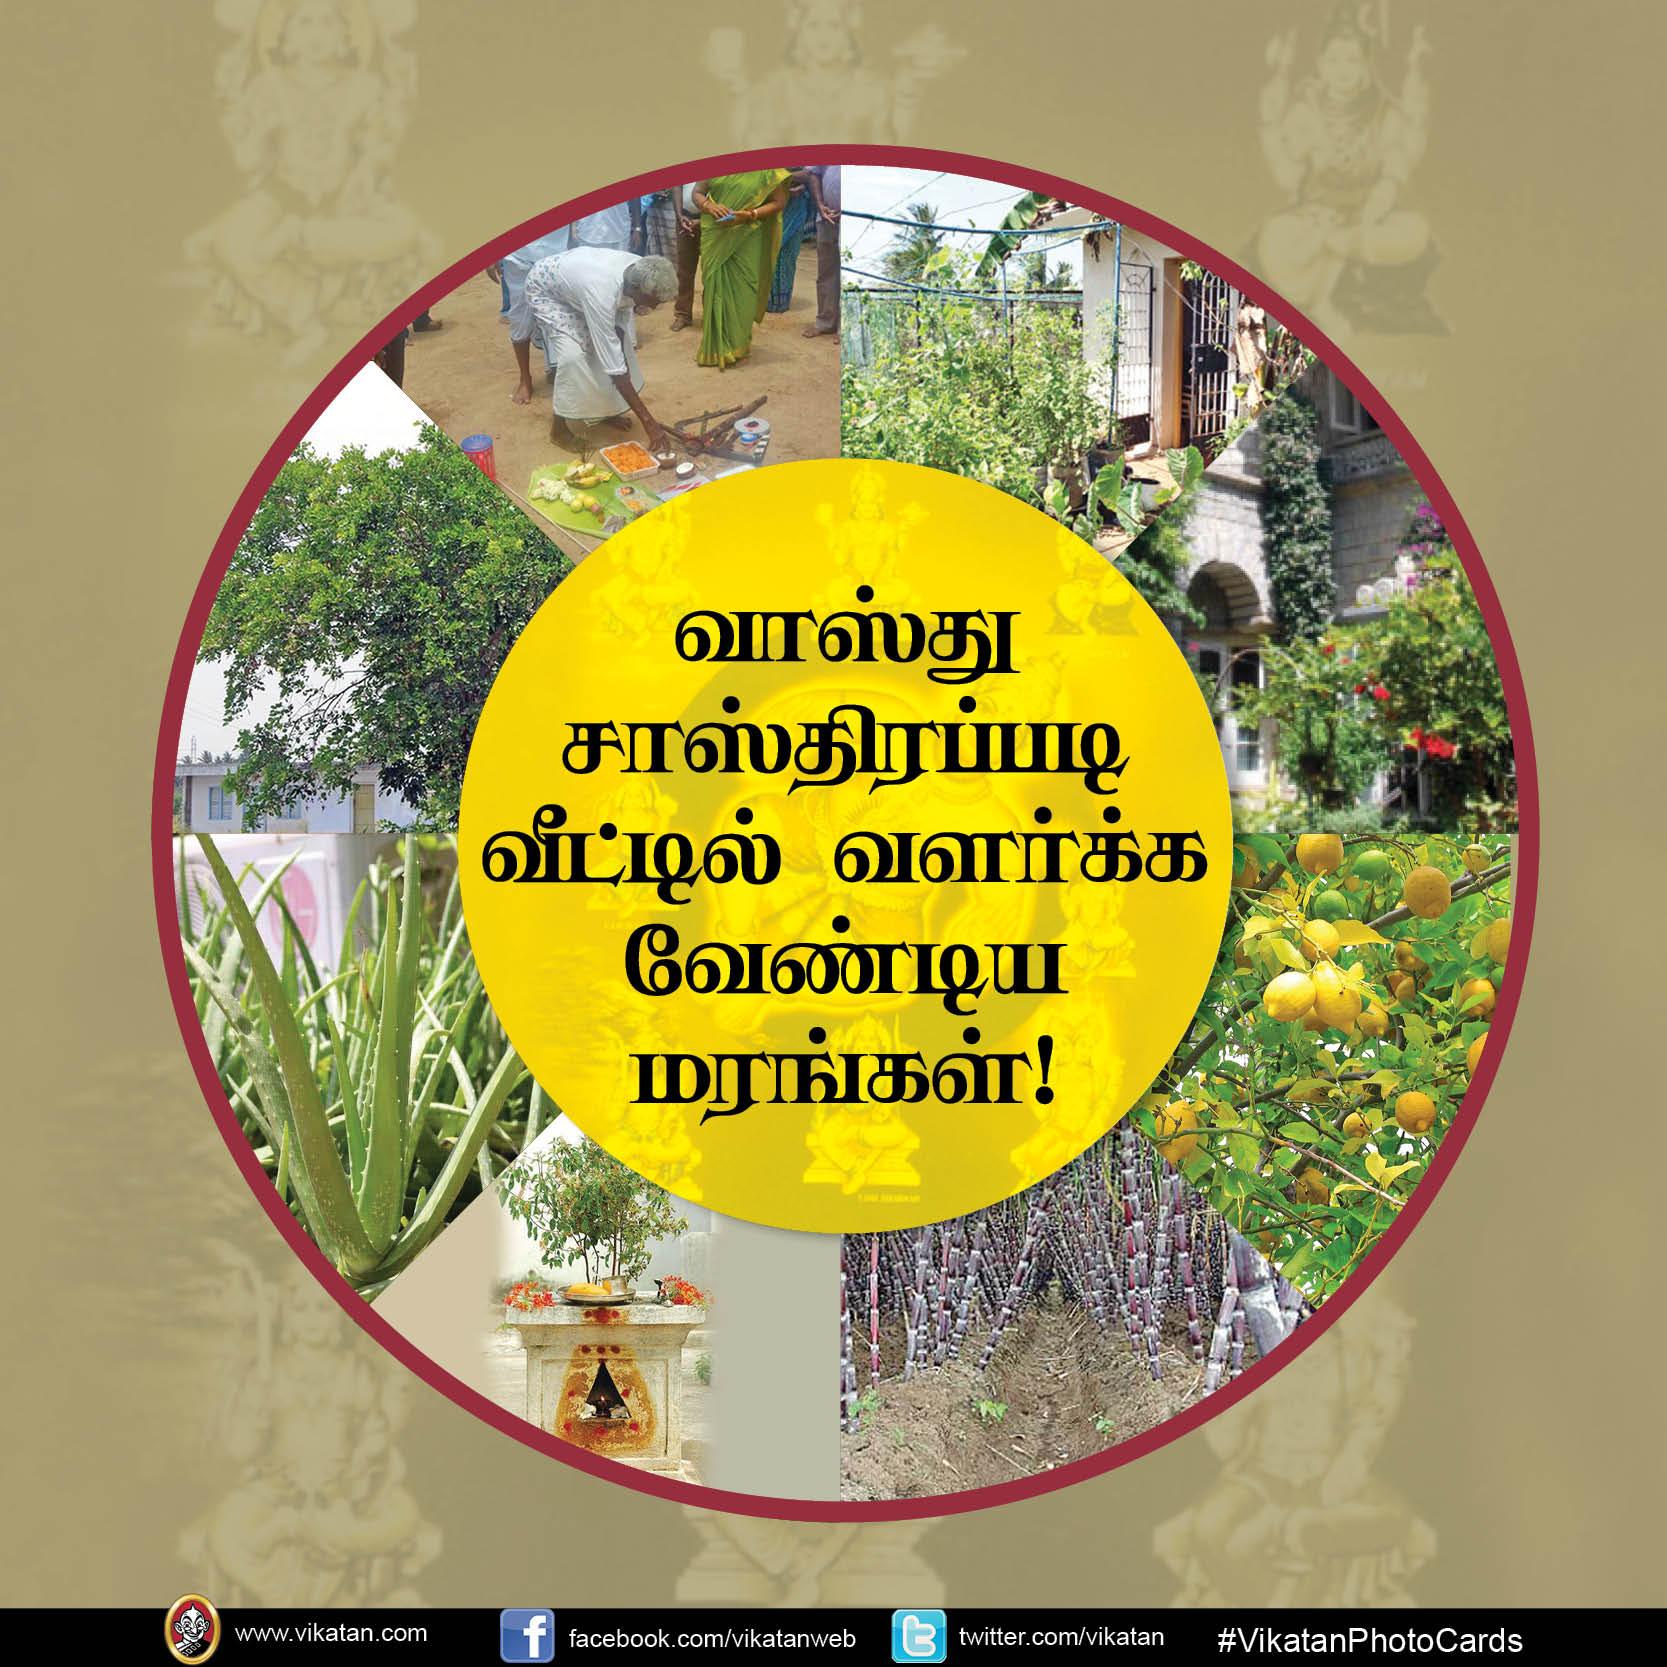 வாஸ்து சாஸ்திரப்படி வீட்டில் வளர்க்க வேண்டிய மரங்கள்! #VikatanPhotoCards